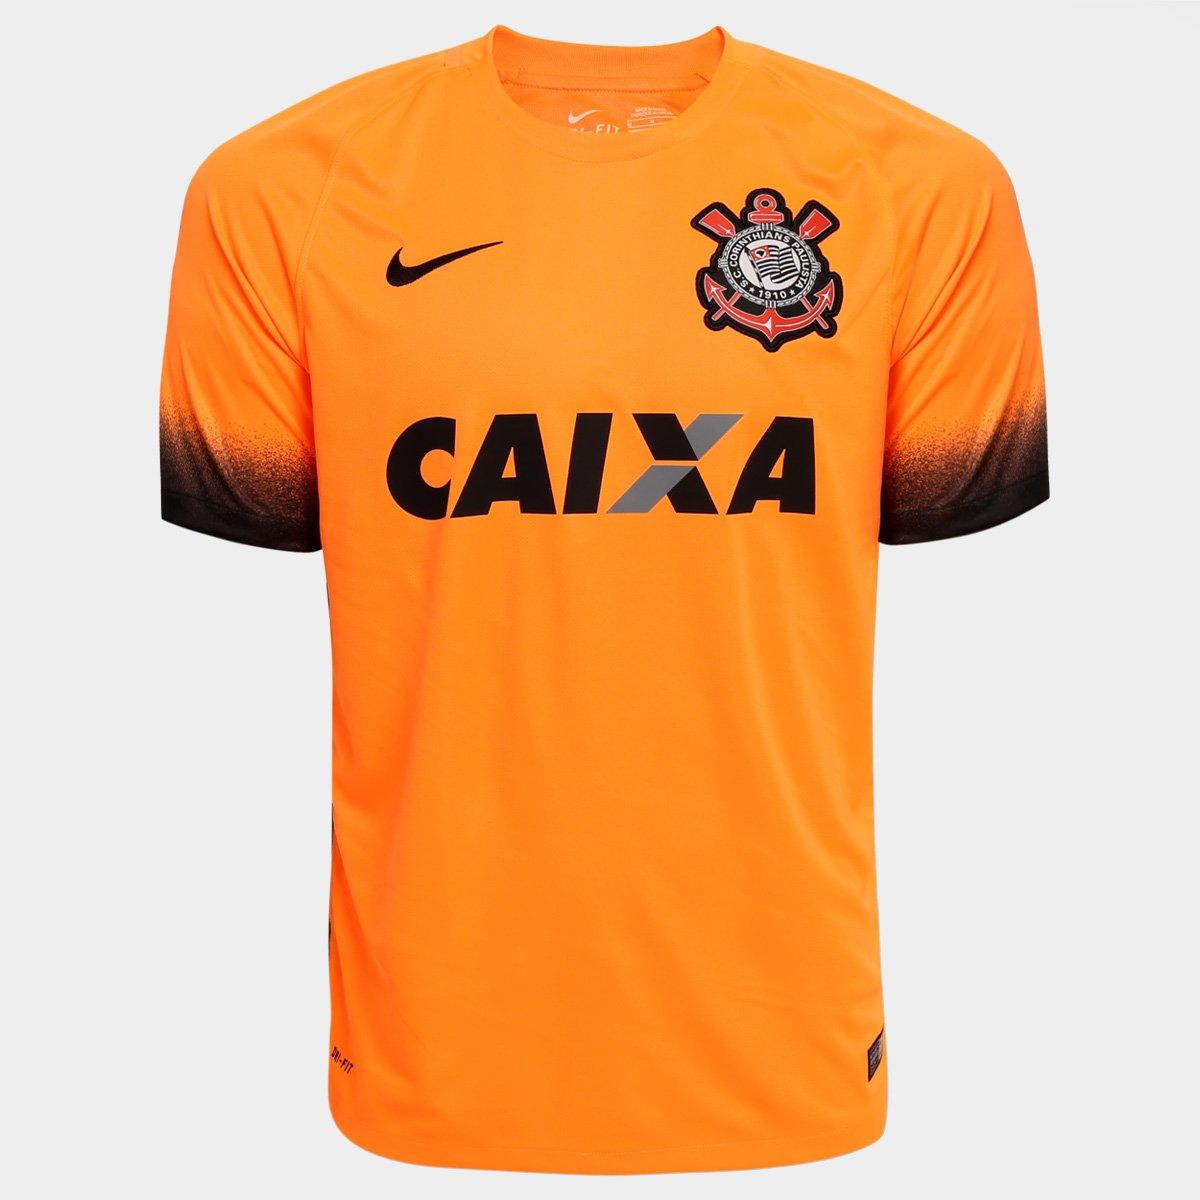 7ef1d8d984182 Camisa Corinthians III 15 16 s nº - Torcedor Nike Masculina - Compre Agora